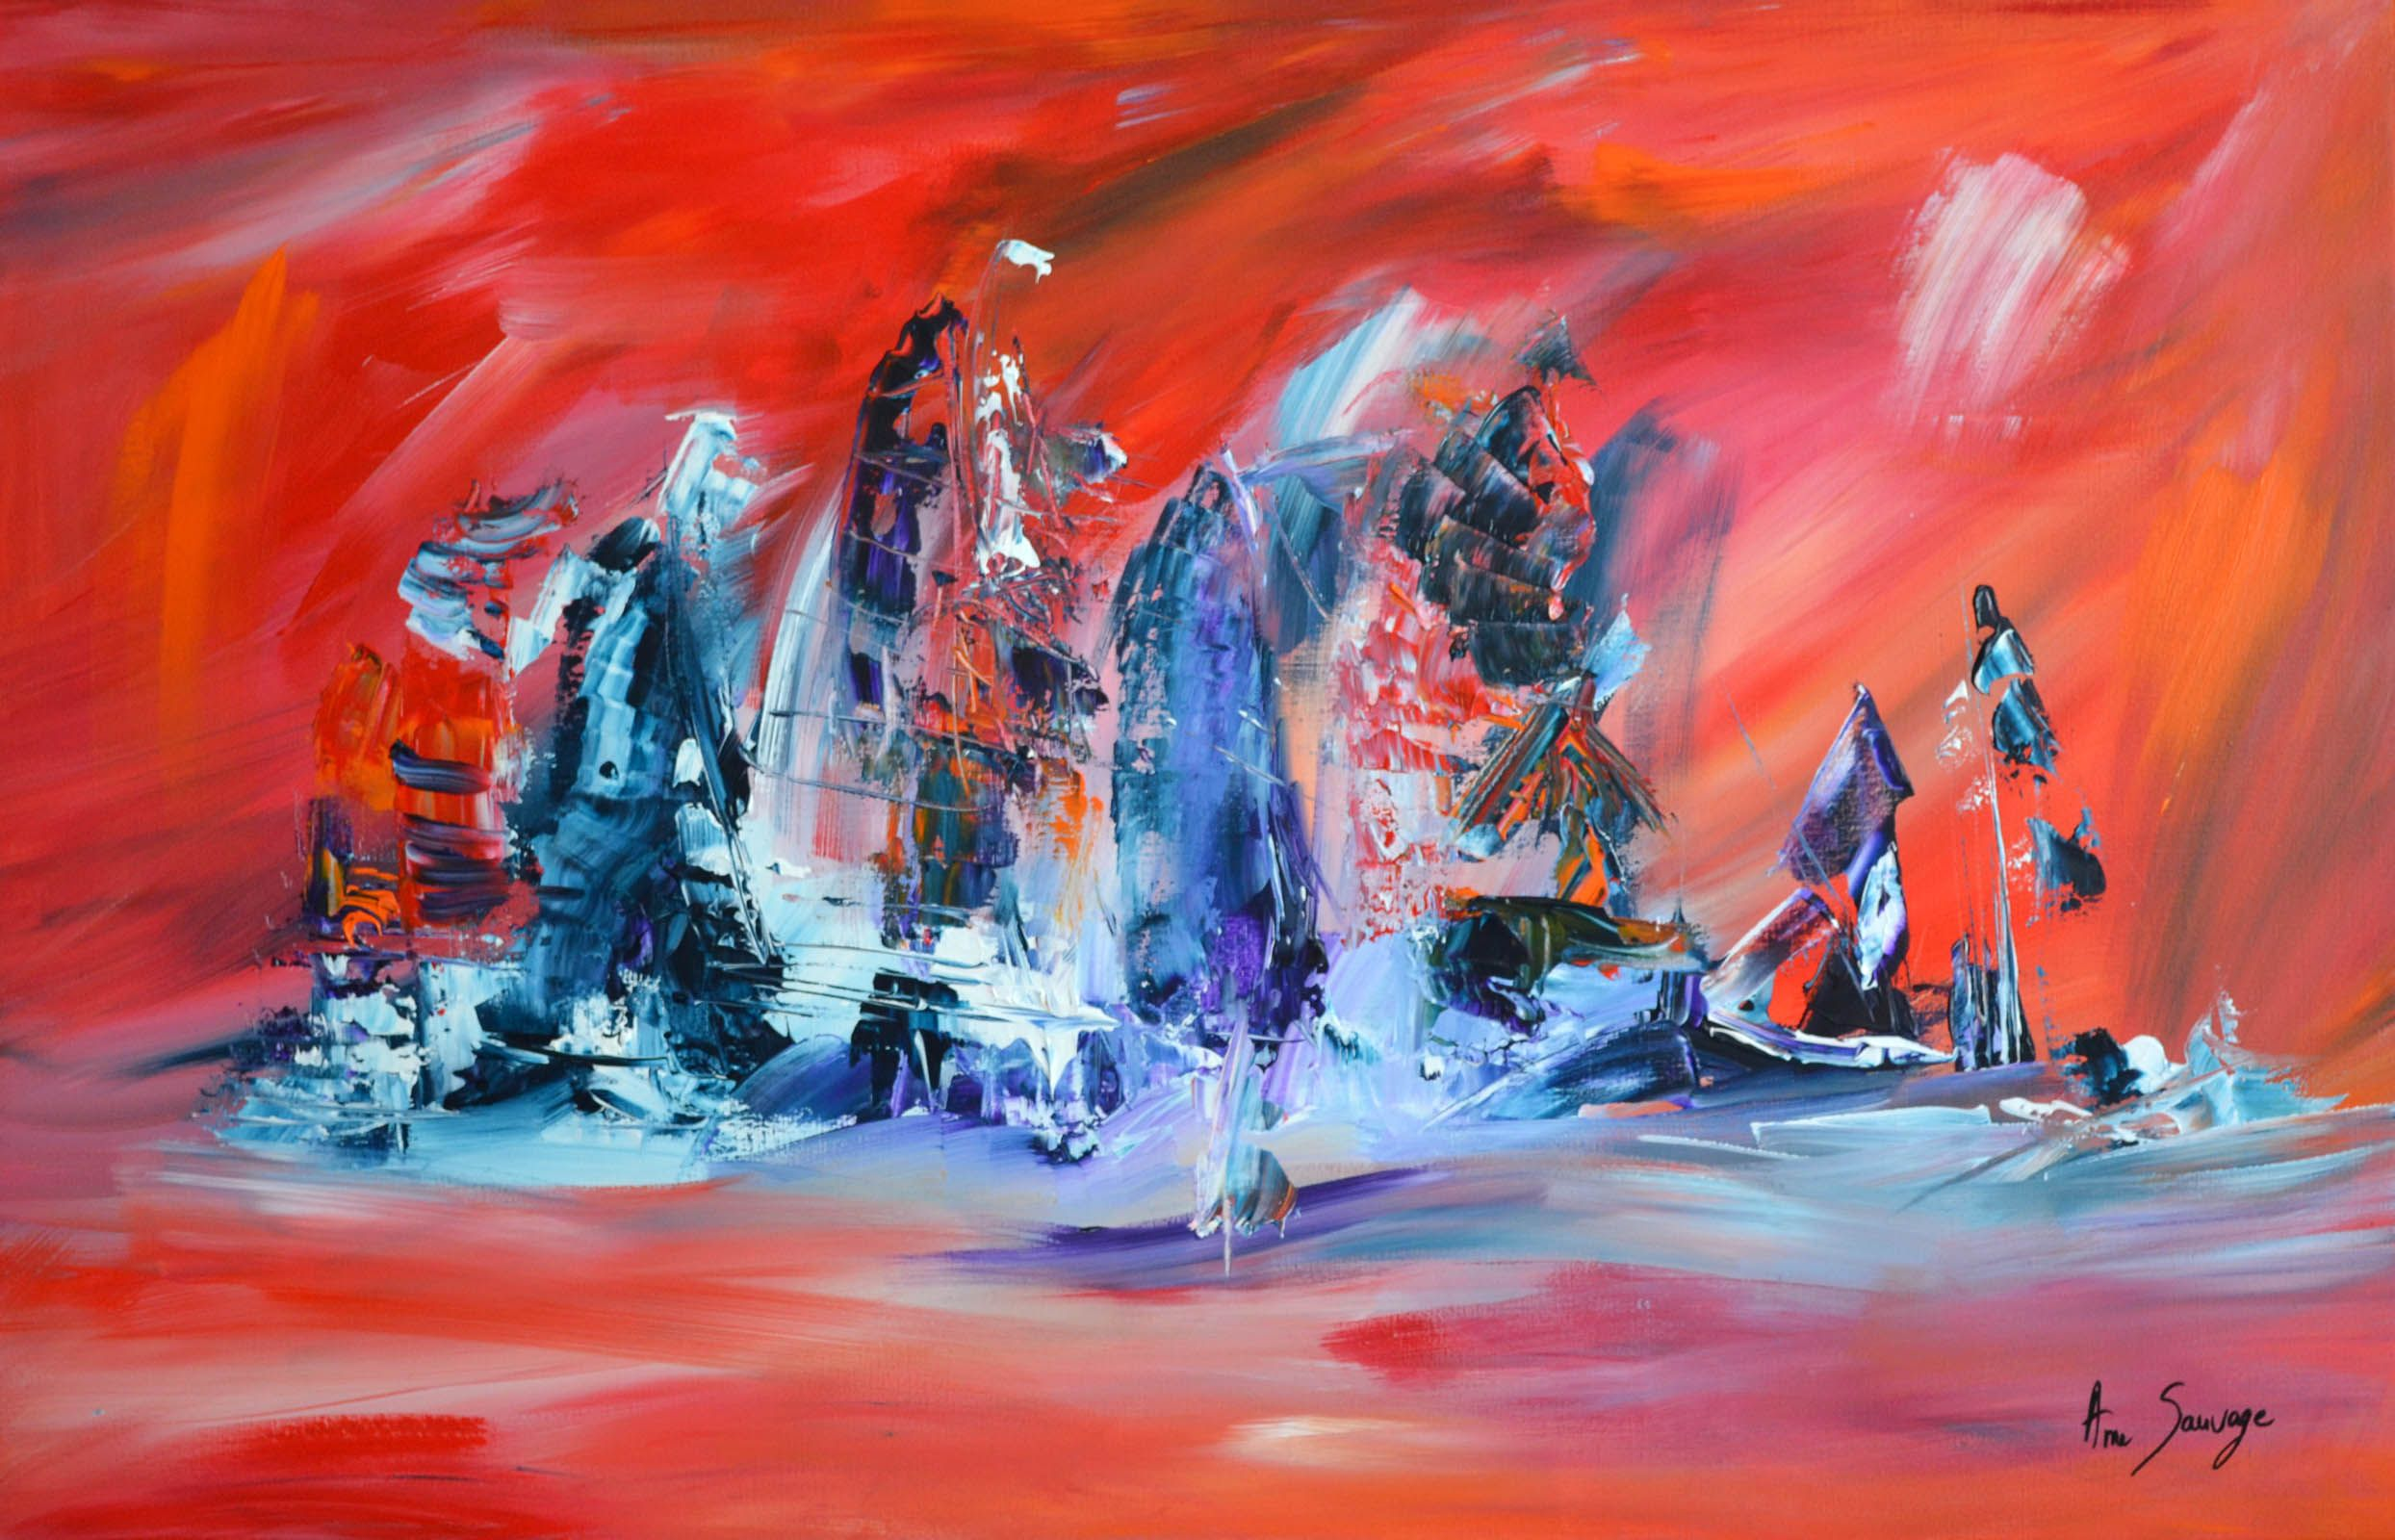 L'île oubliée, tableau d'artiste peintre unique de couleur bleu orange  rouge. Cette oeuvre de l'a… | Peinture abstraite, Peinture abstraite  moderne, Artiste peintre